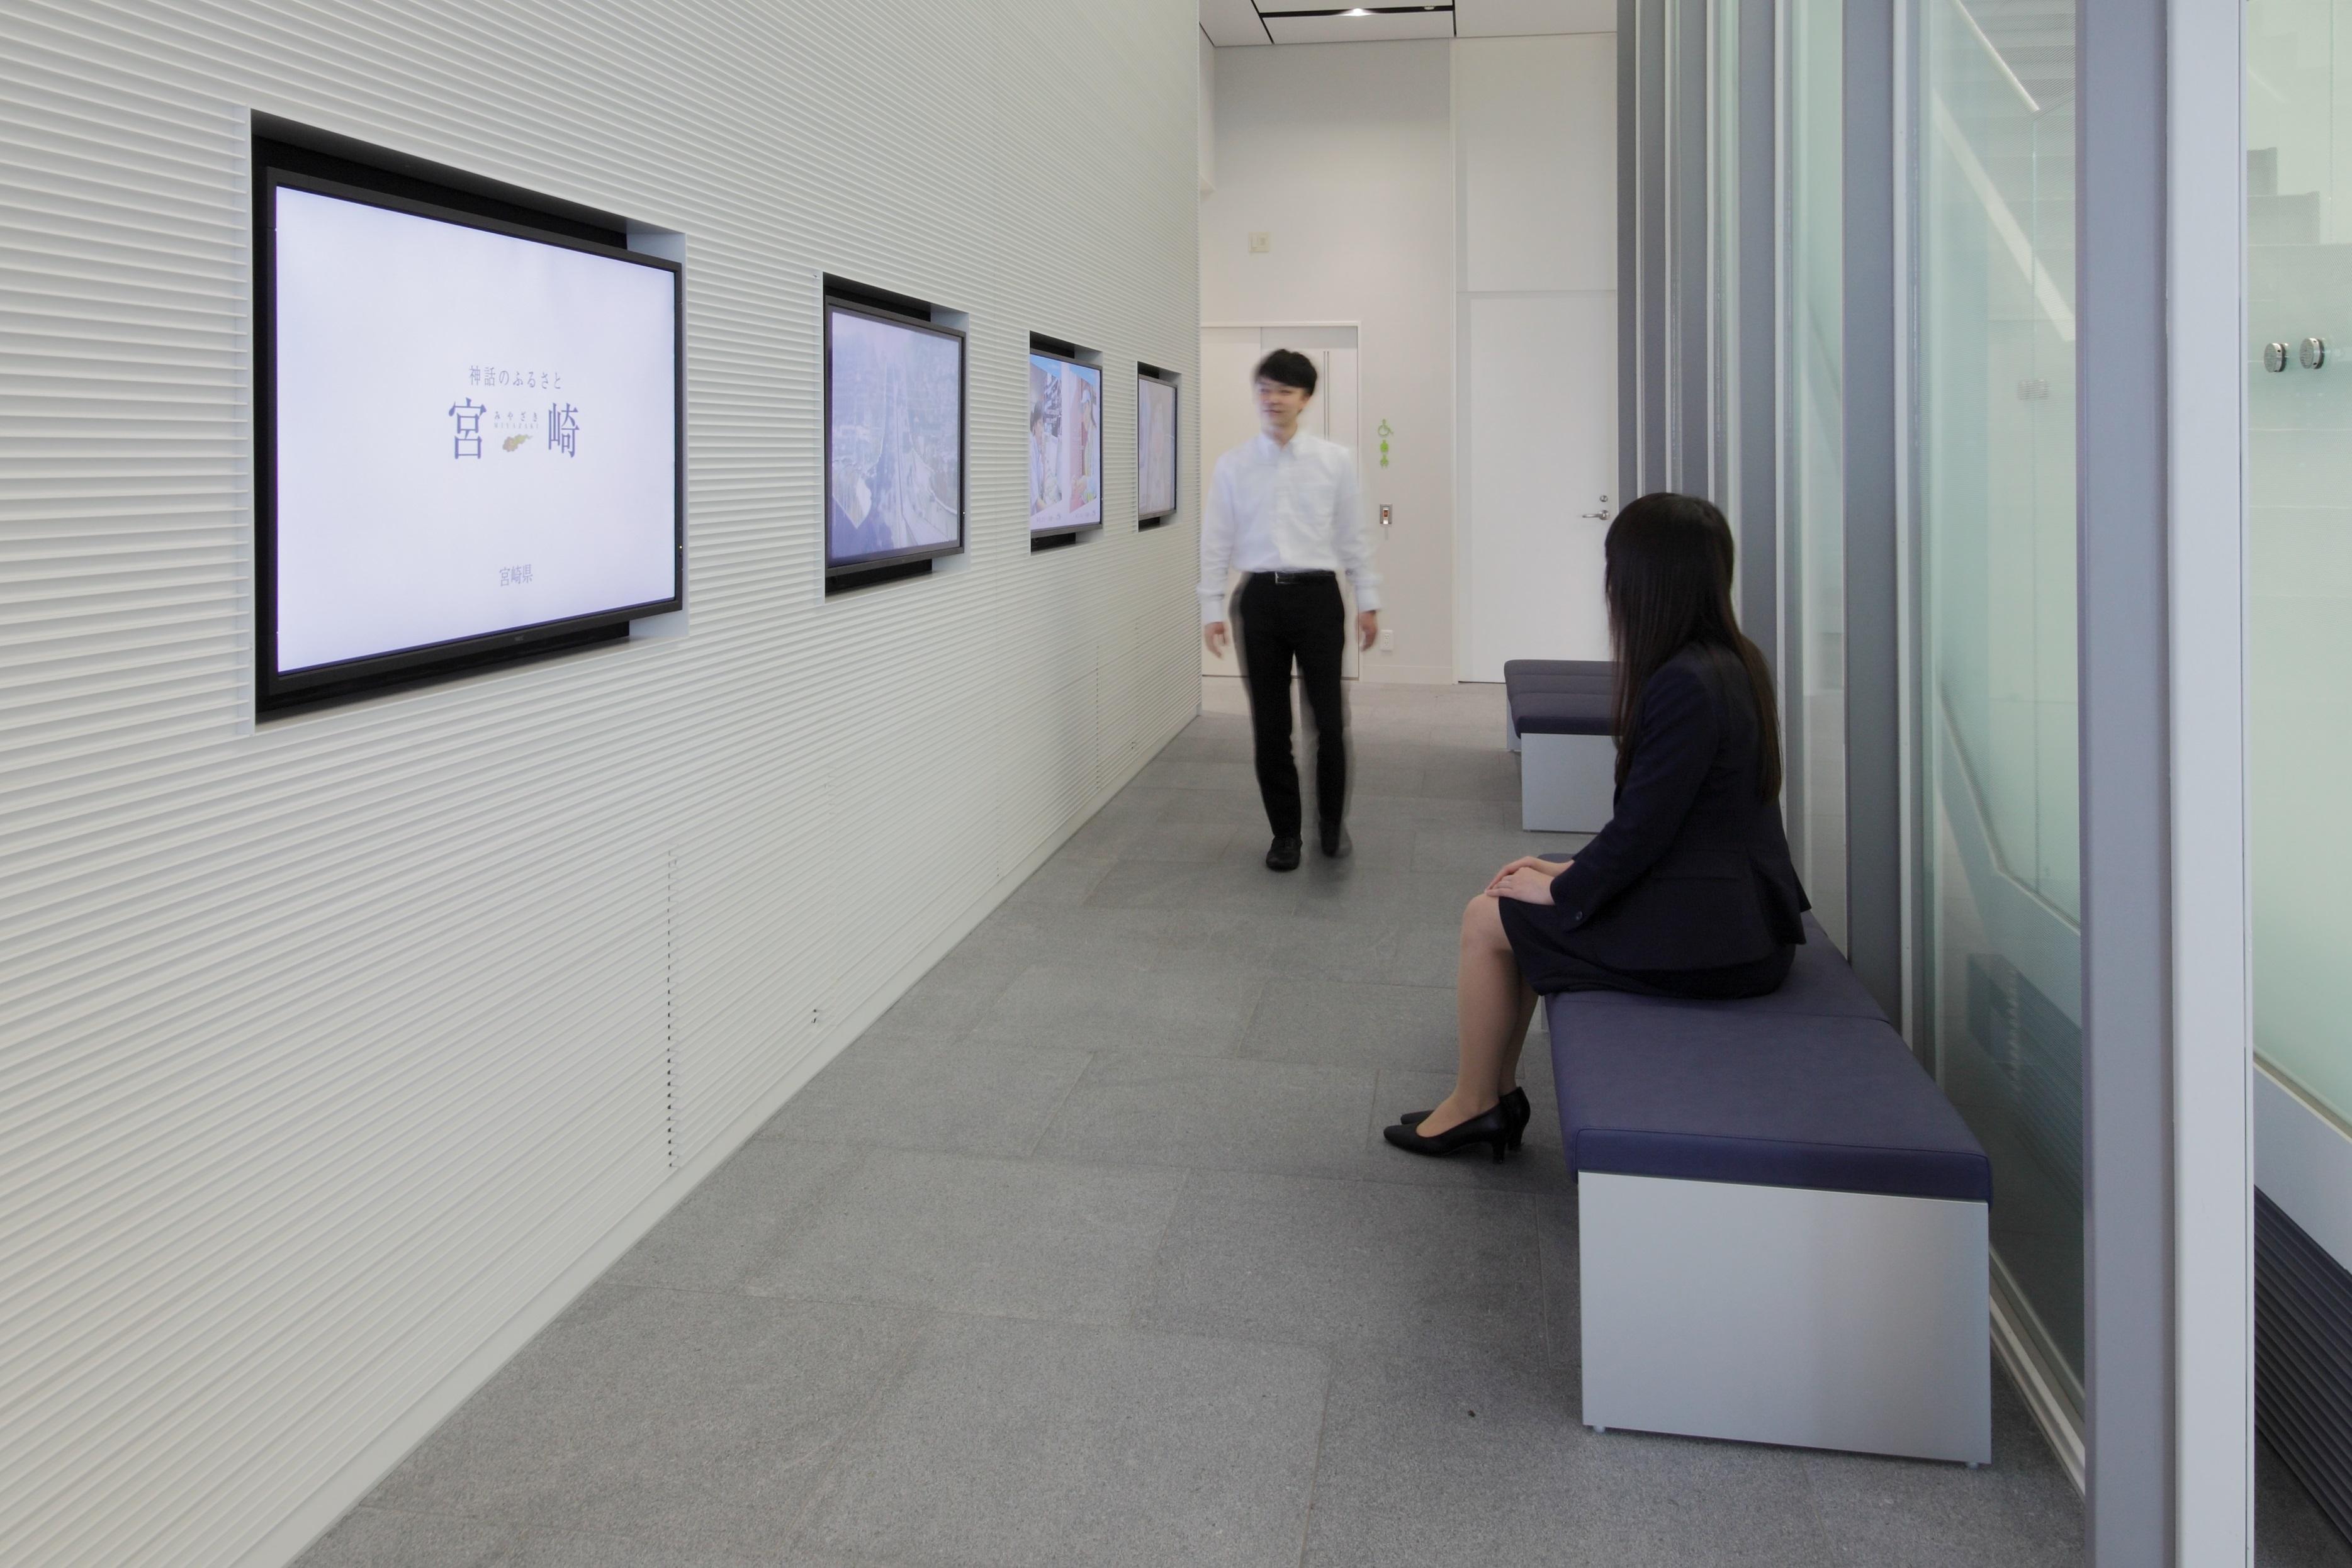 デジタルサイネージを設置したオフィス入口